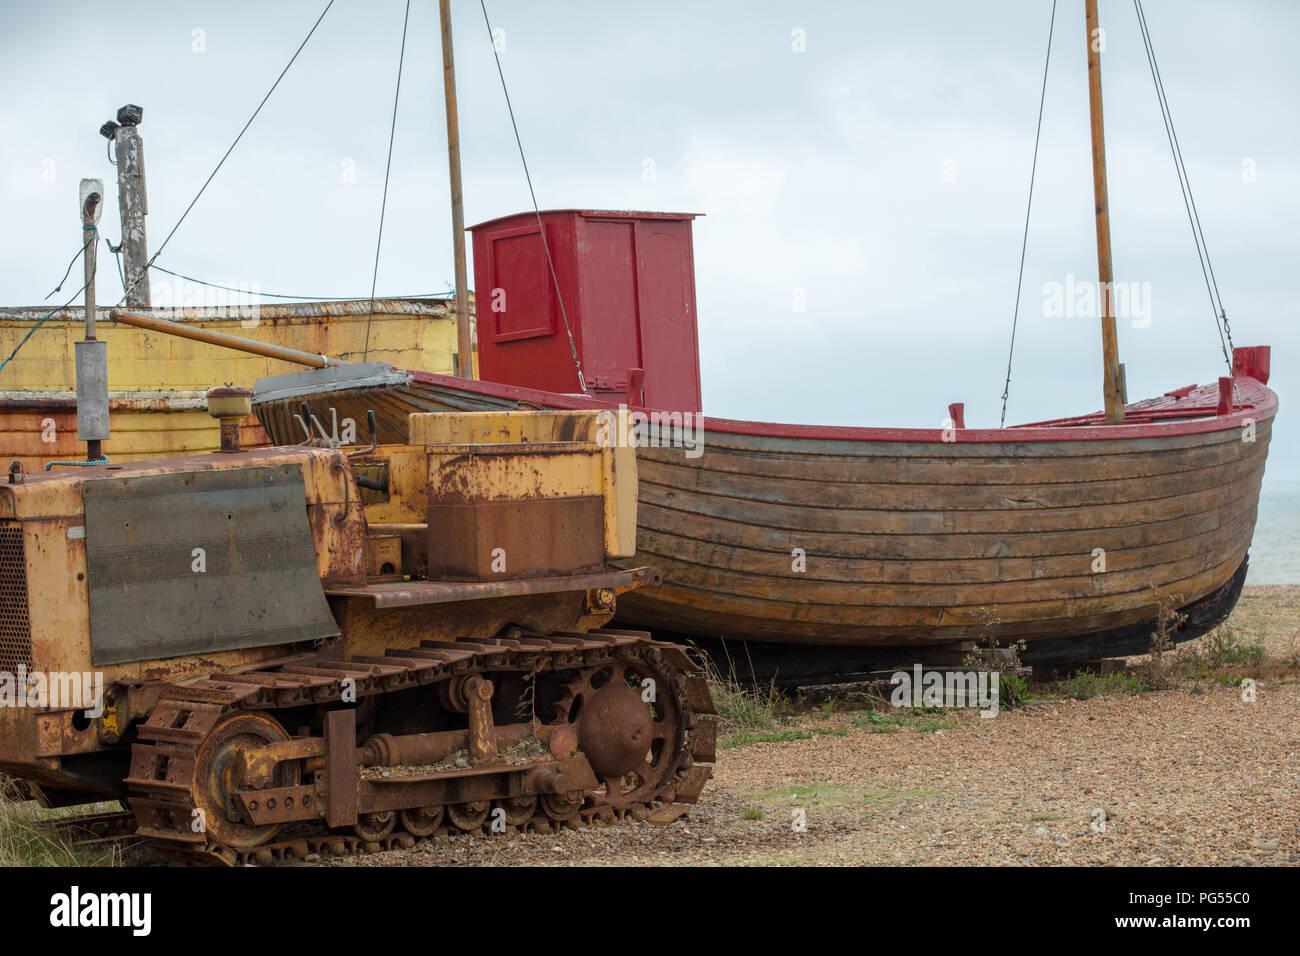 Fiishing Boote an der Hastings Beach und wartet darauf, von den einheimischen Fischern mit rostigen Traktor für ihre nachhaltige Existenzgrundlage gestartet werden, touristische Attraktion Stockbild